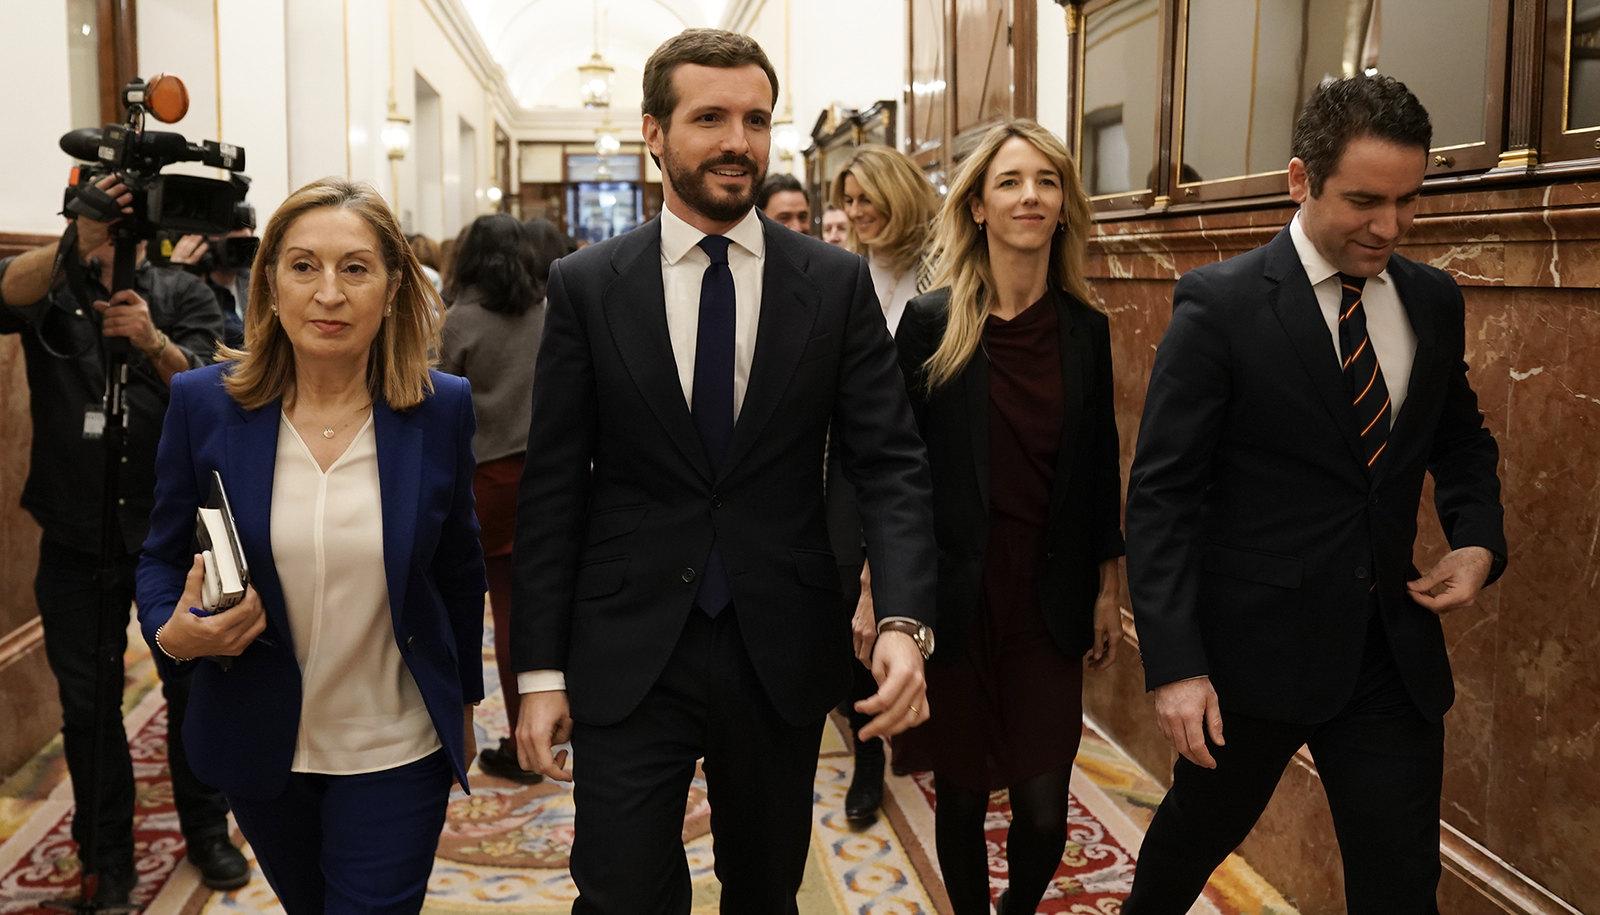 Pablo Casado con Ana Pastror, Cayetana Álvarez de Toledo y Teodoro García Egea, en los pasillos del Congreso. FLICKR PP